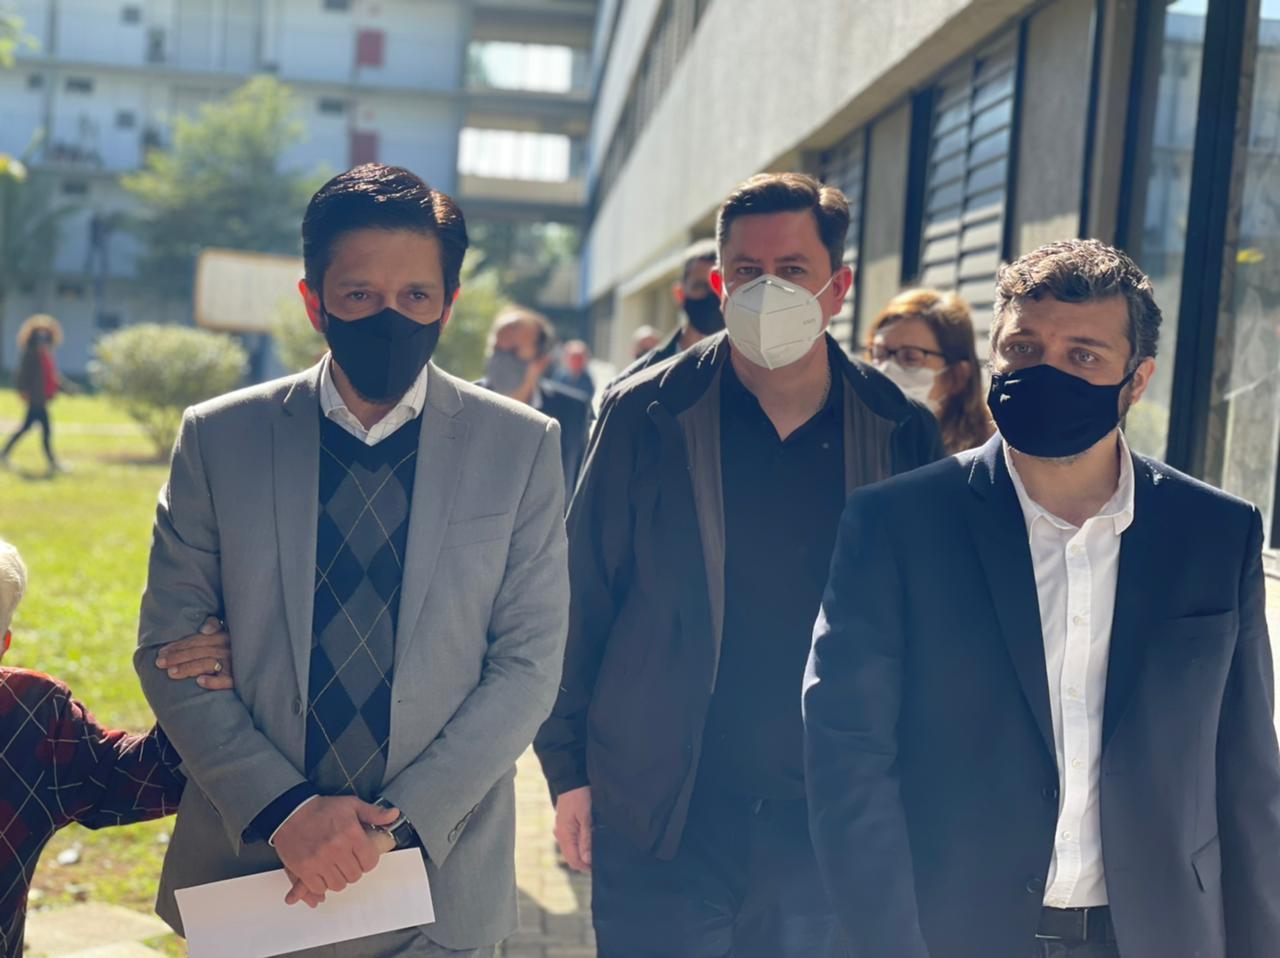 Ao lado esquerdo da foto está o Prefeito Ricardo Nunes, ao meio está o presidente da Cohab São Paulo, Alex Peixe, e ao lado direito está o Secretário Municipal de Habitação, Orlando Faria. Todos estão usando máscara.